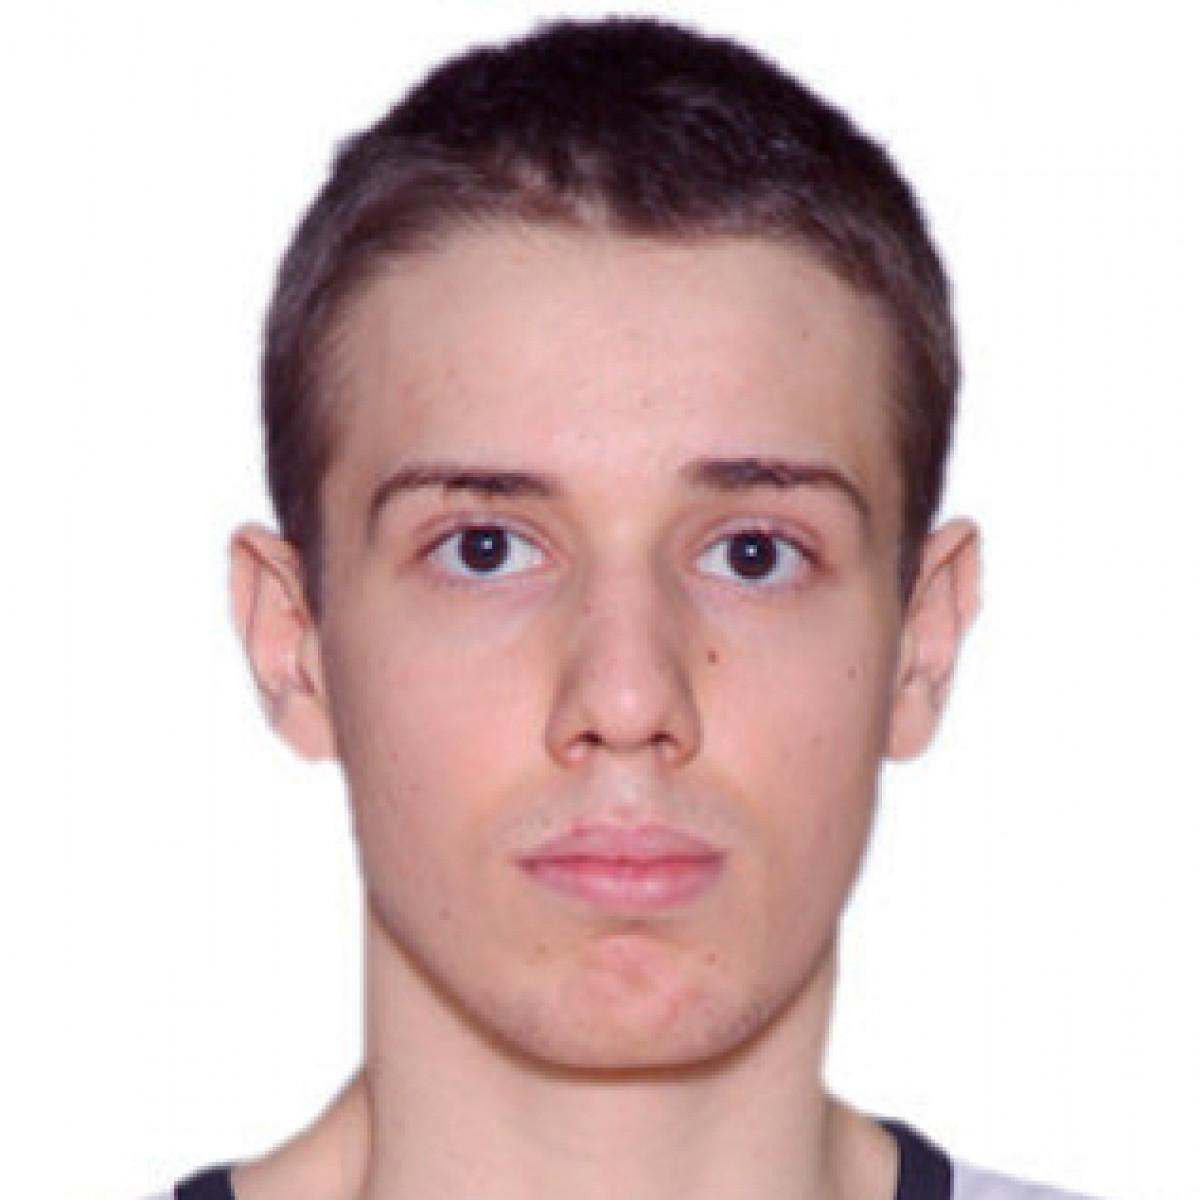 Bogdan Rutesic